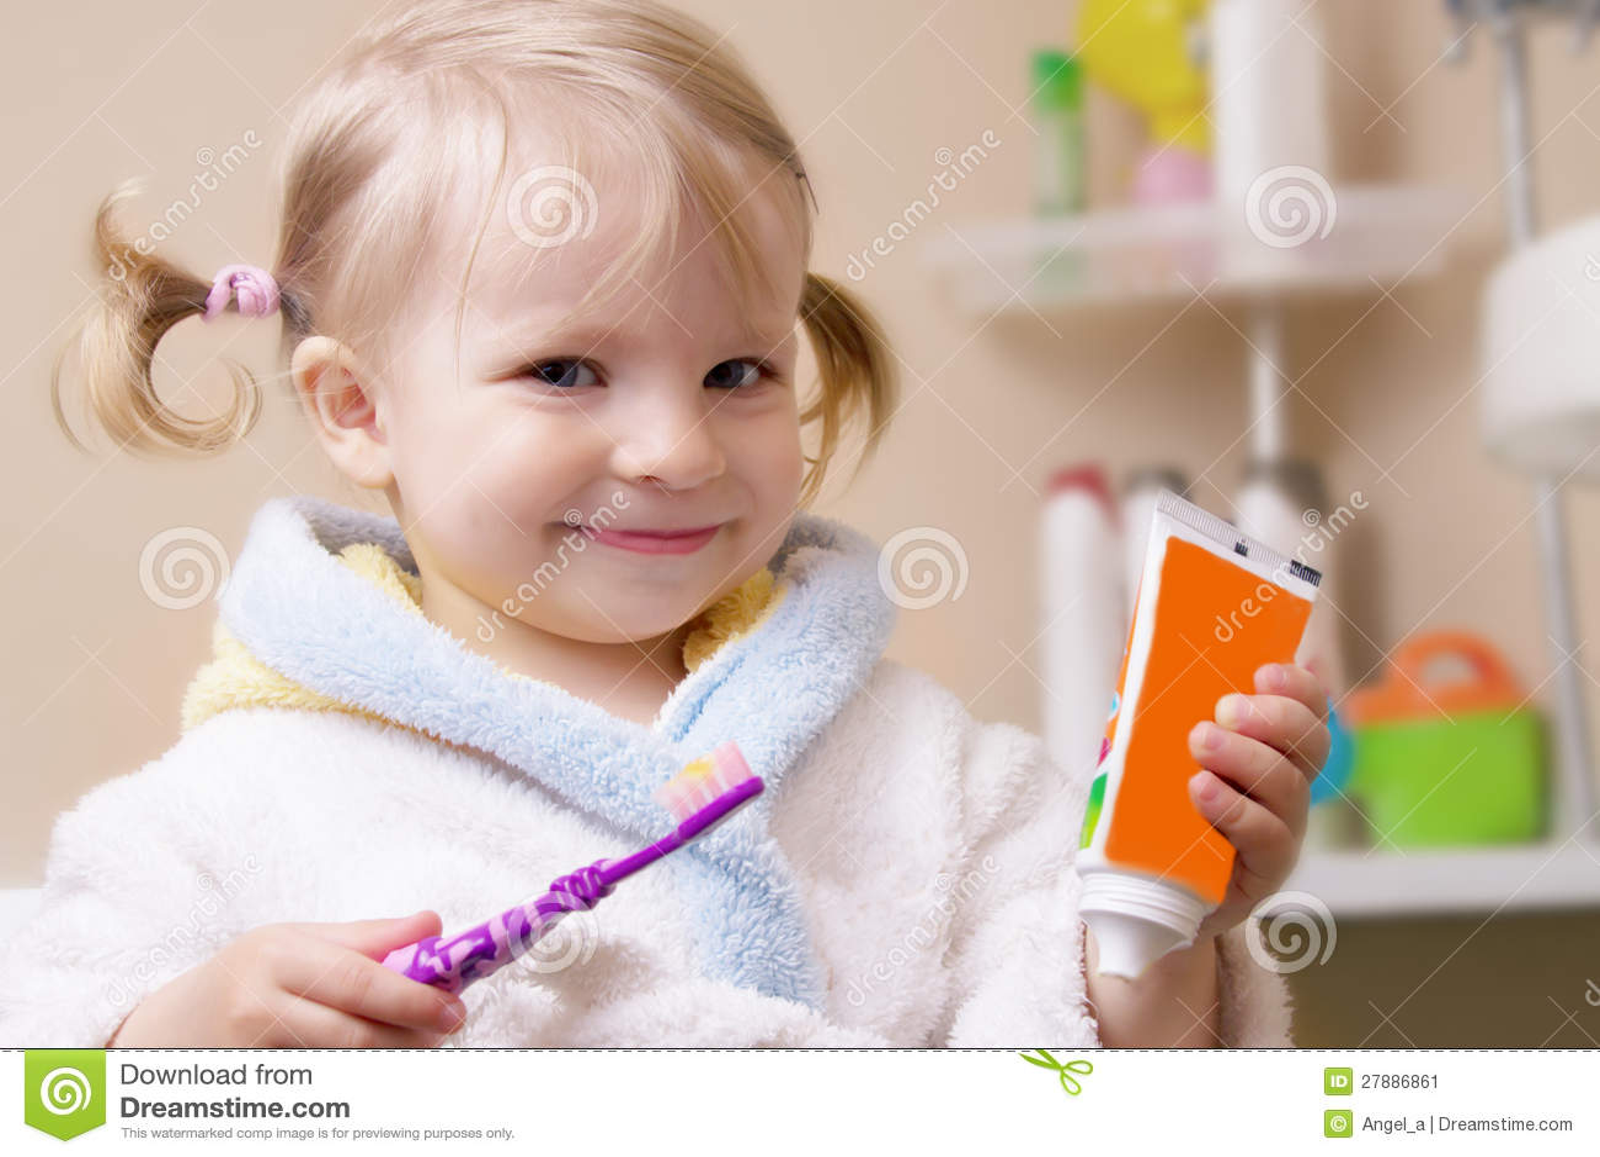 Почистить зубки не даёт 17 фотография